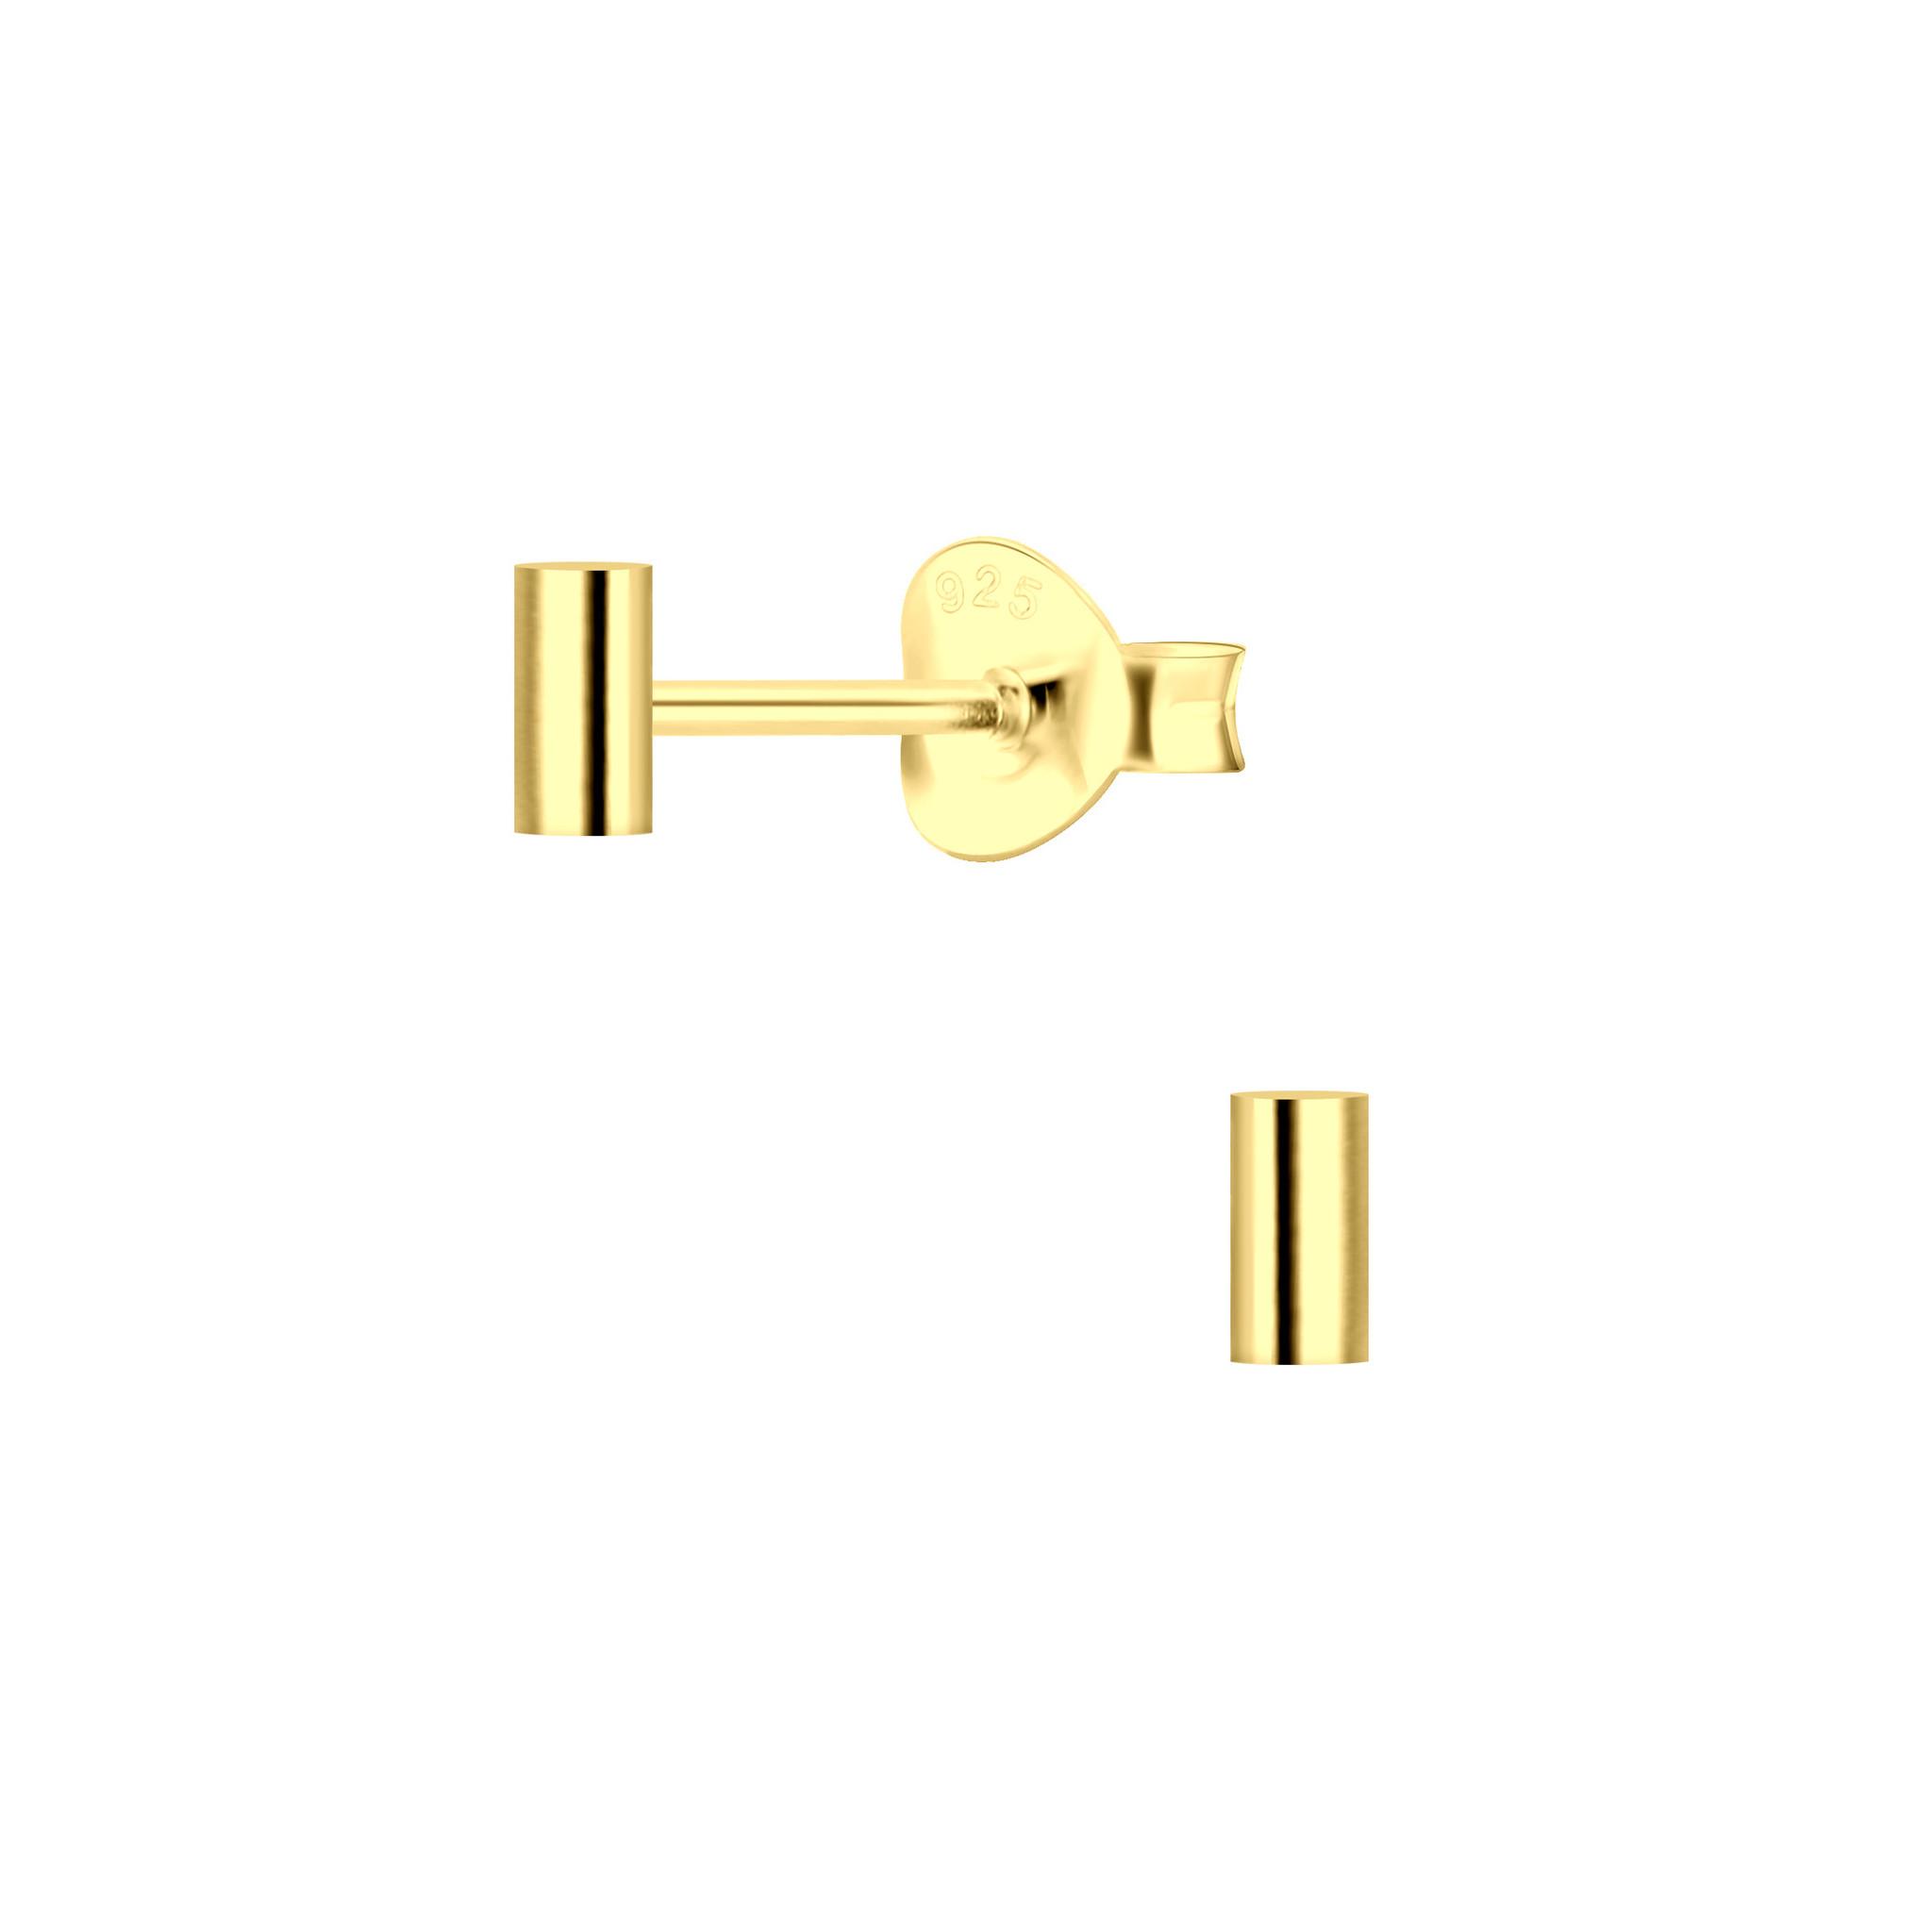 Zarter Ohrstecker Riegel aus 925er Sterling Silber 14k vergoldet-1